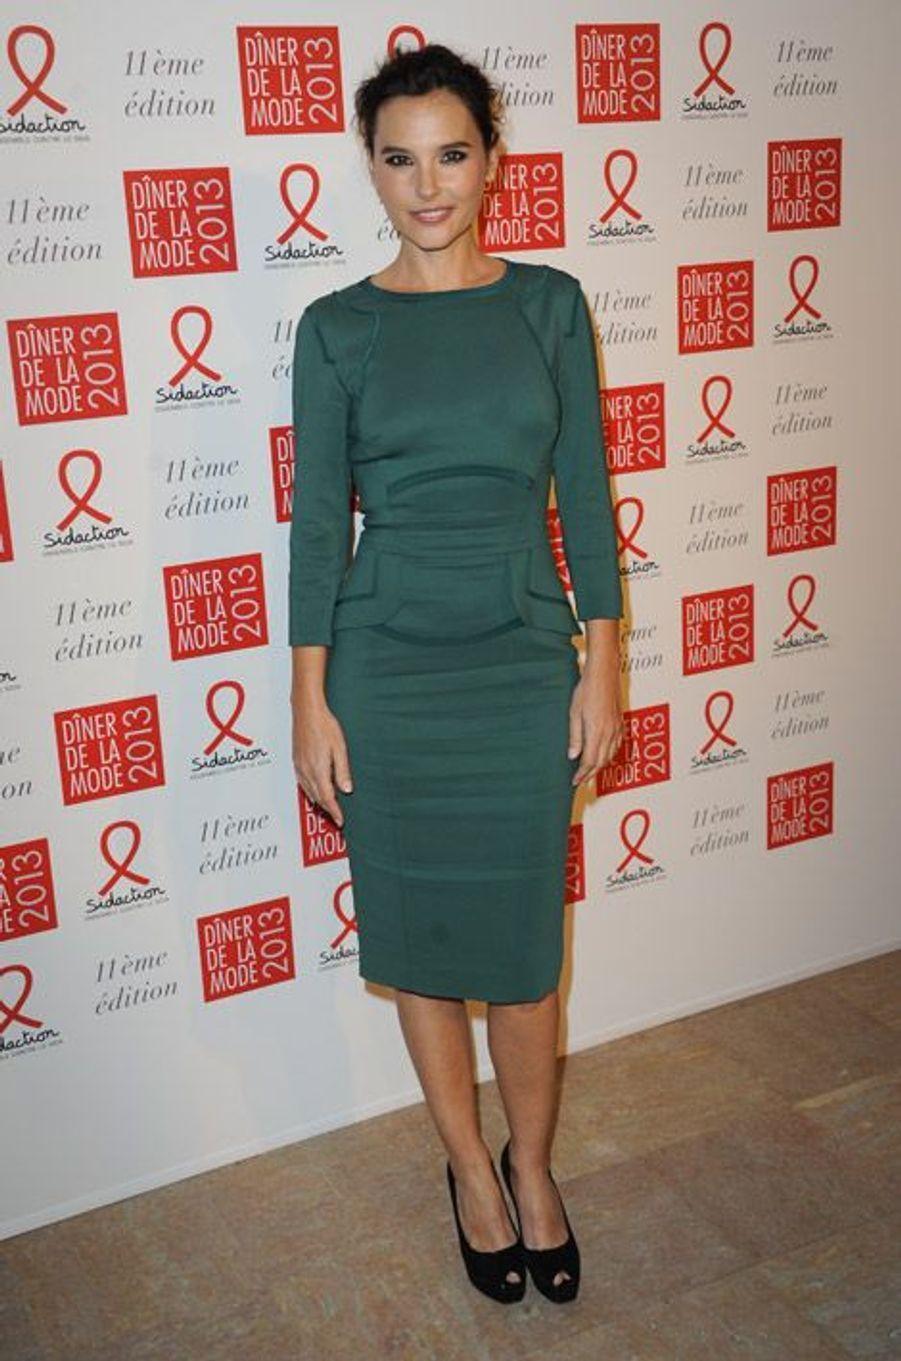 Virginie Ledoyen participe au dîner de la mode en faveur du Sidaction à Paris, le 24 janvier 2013